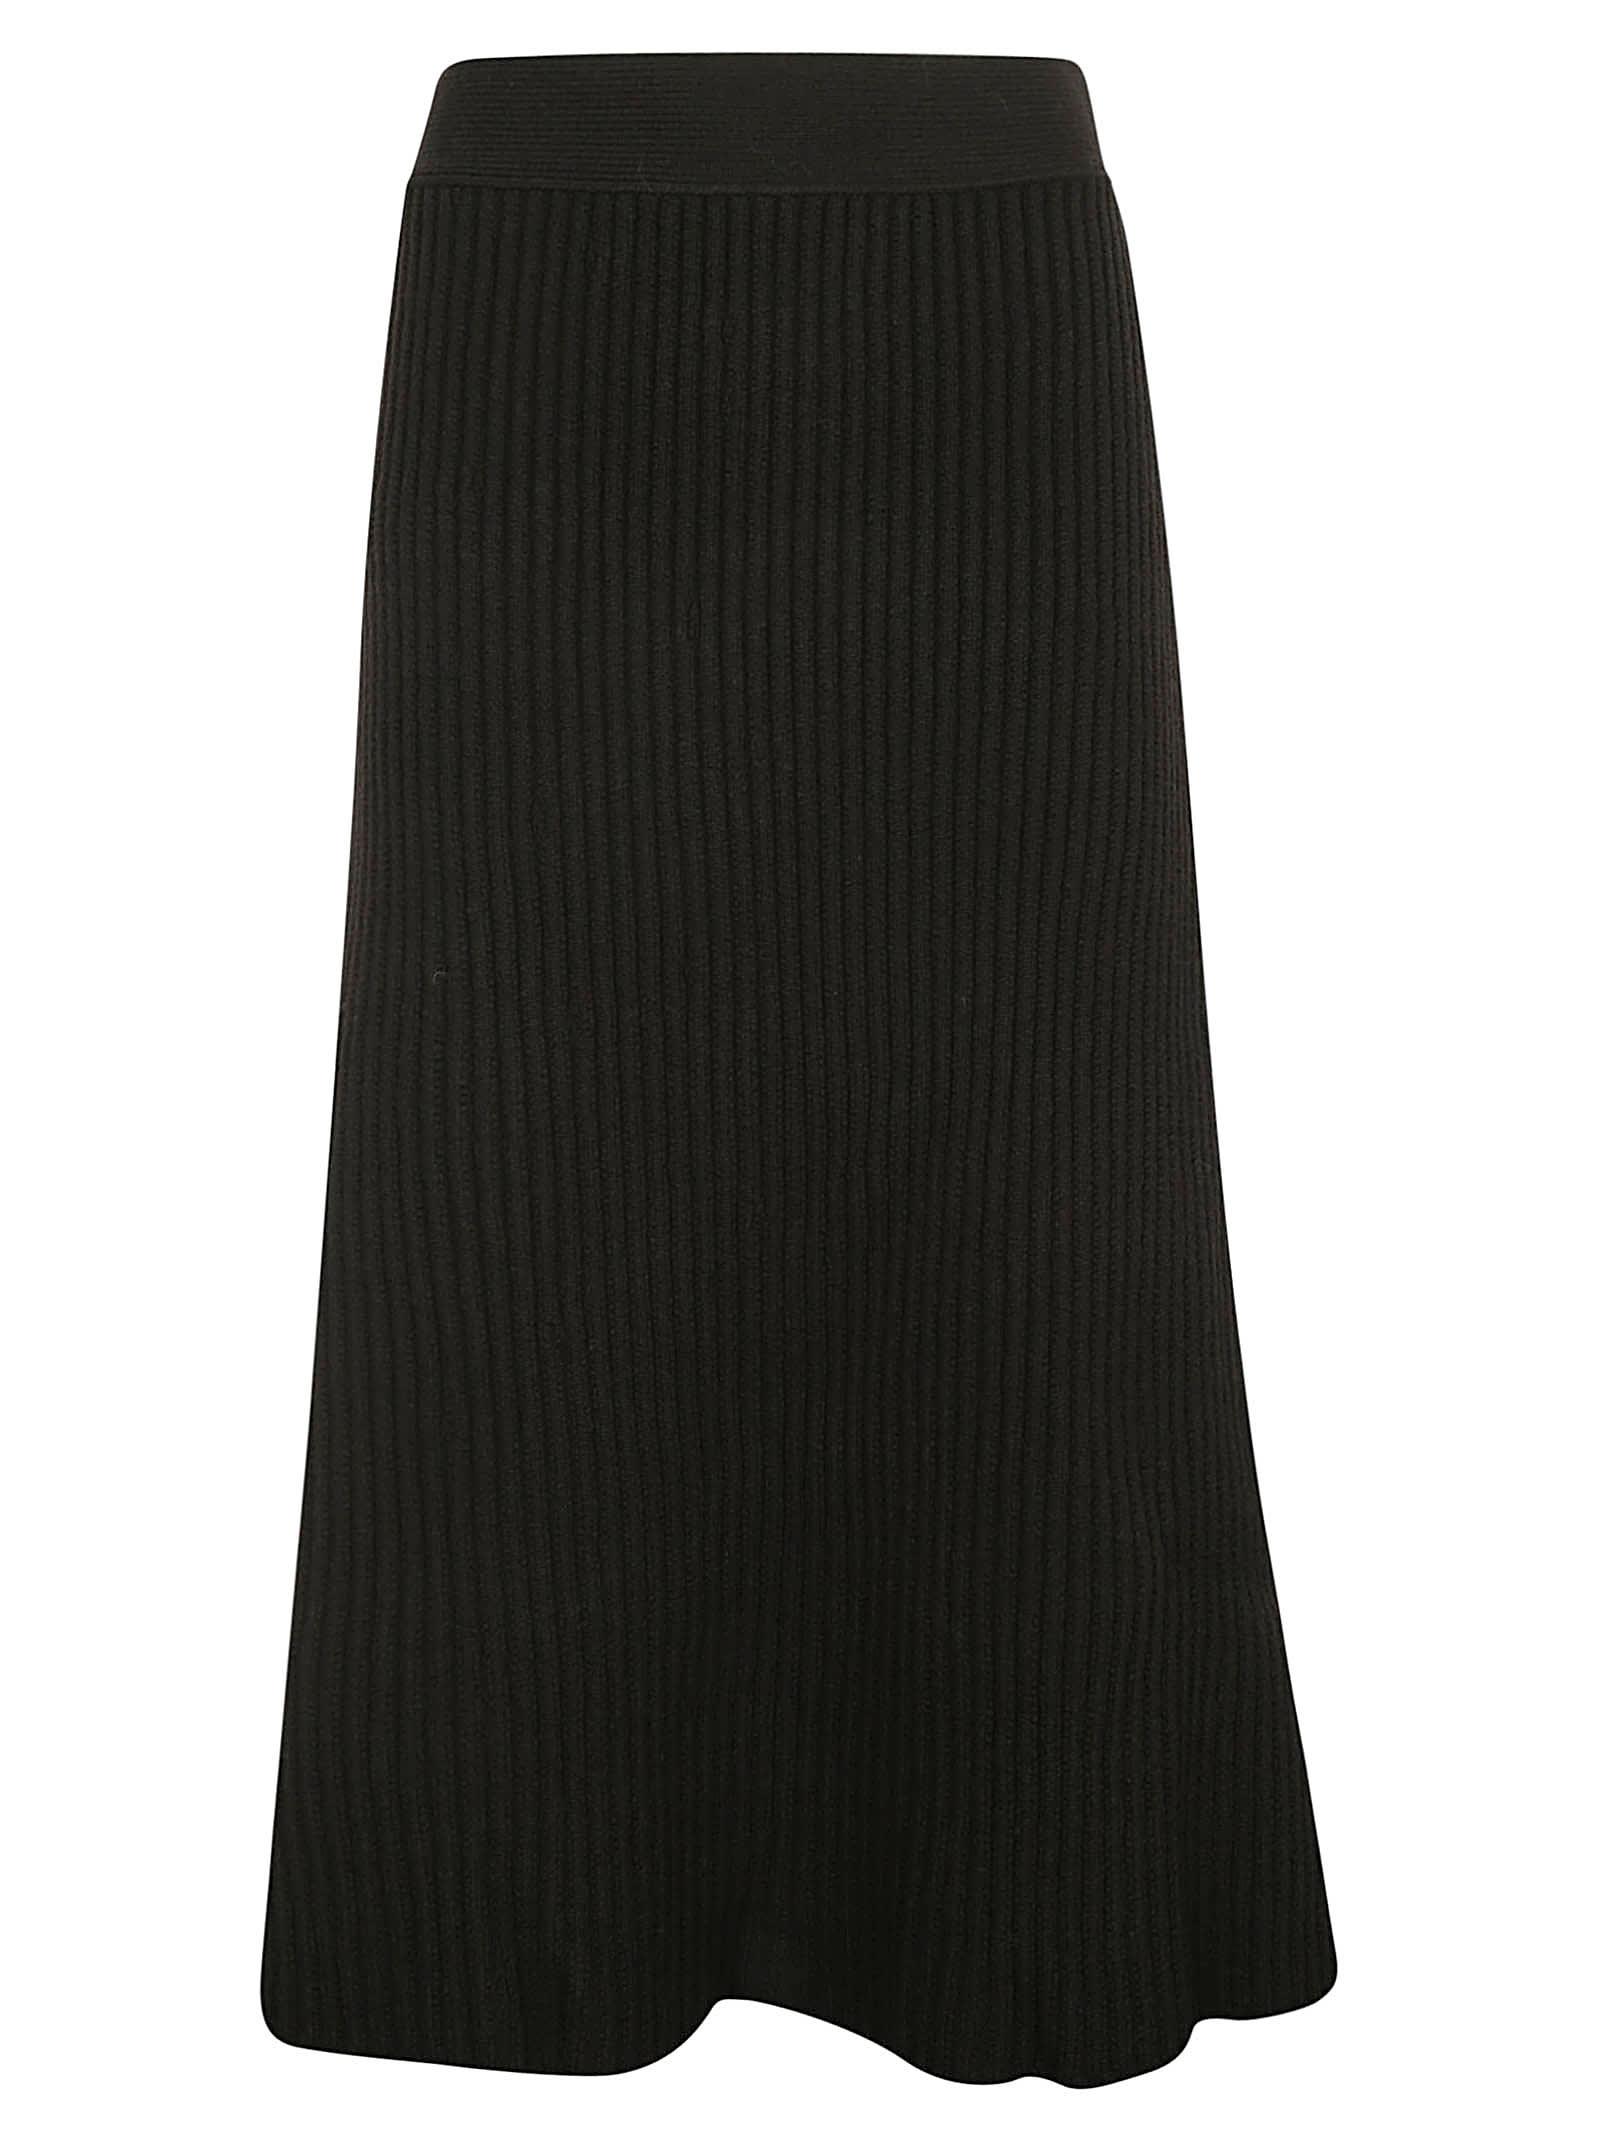 Bottega Veneta Woven Flared Skirt